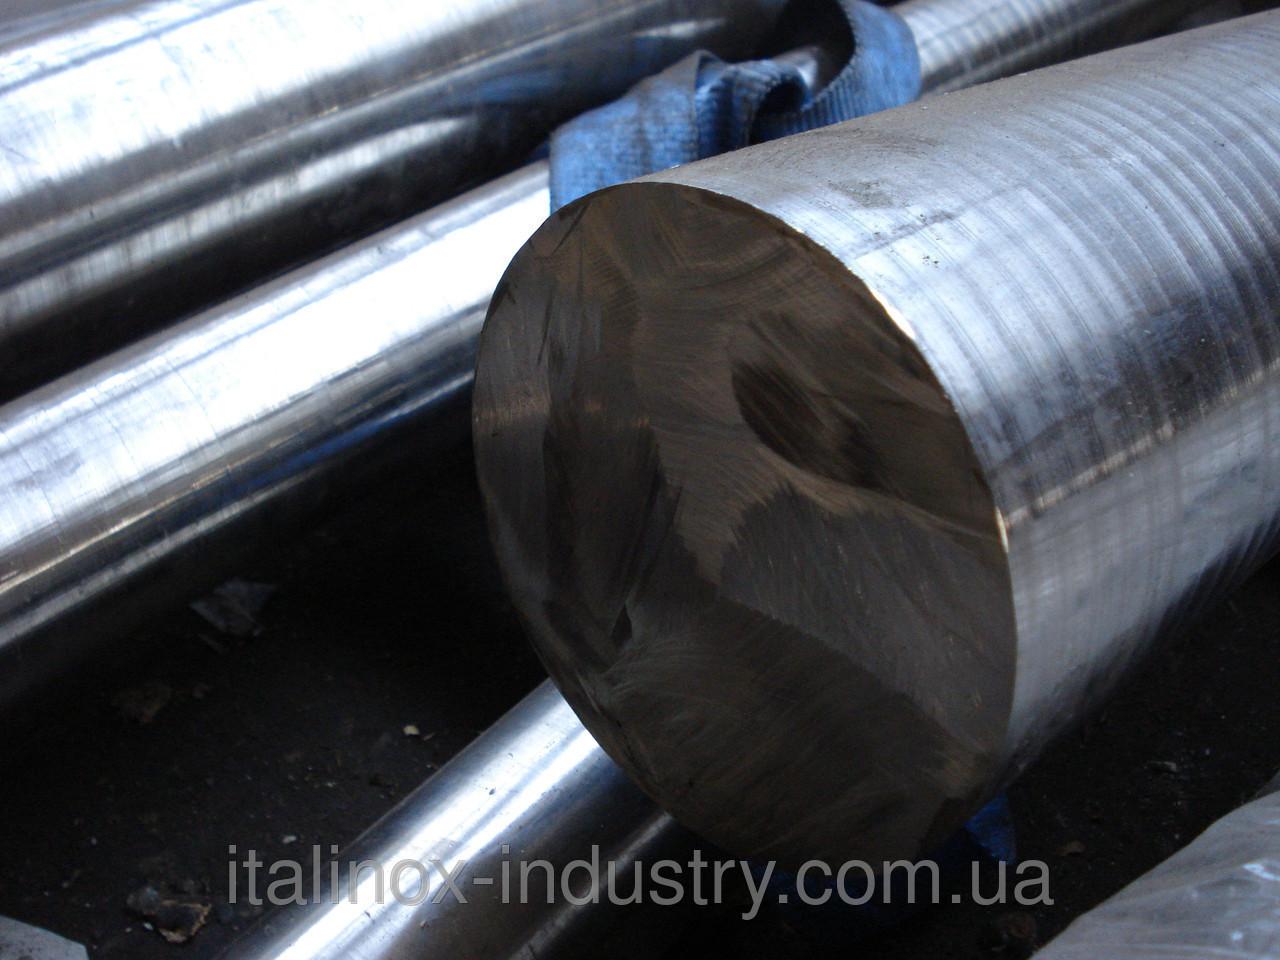 Круг из нержавеющей стали 03Х17Н14М3 150,0 мм